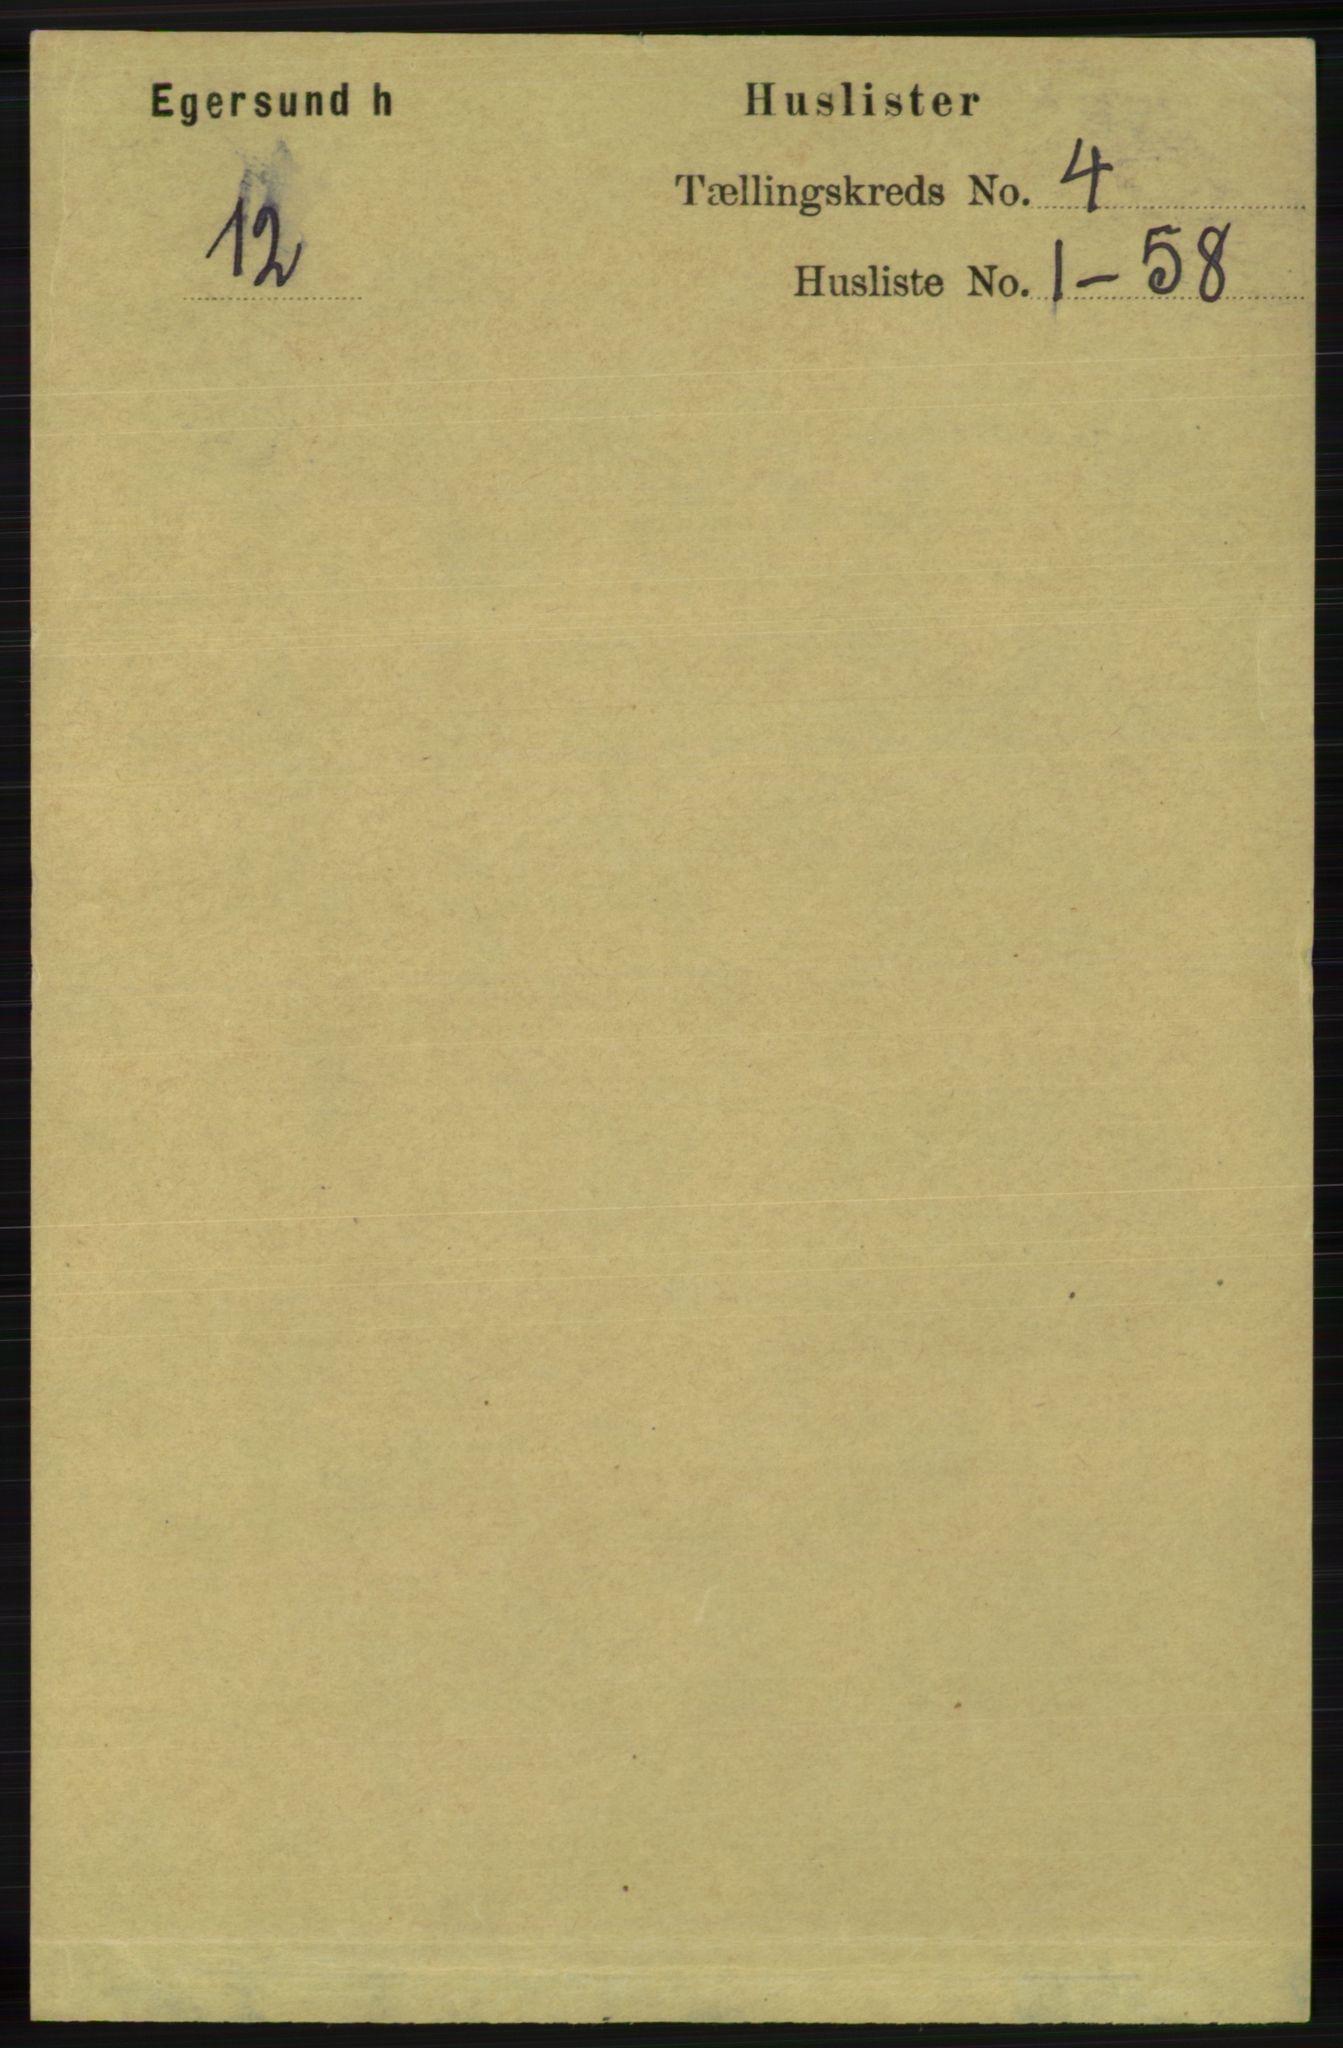 RA, Folketelling 1891 for 1116 Eigersund herred, 1891, s. 1536